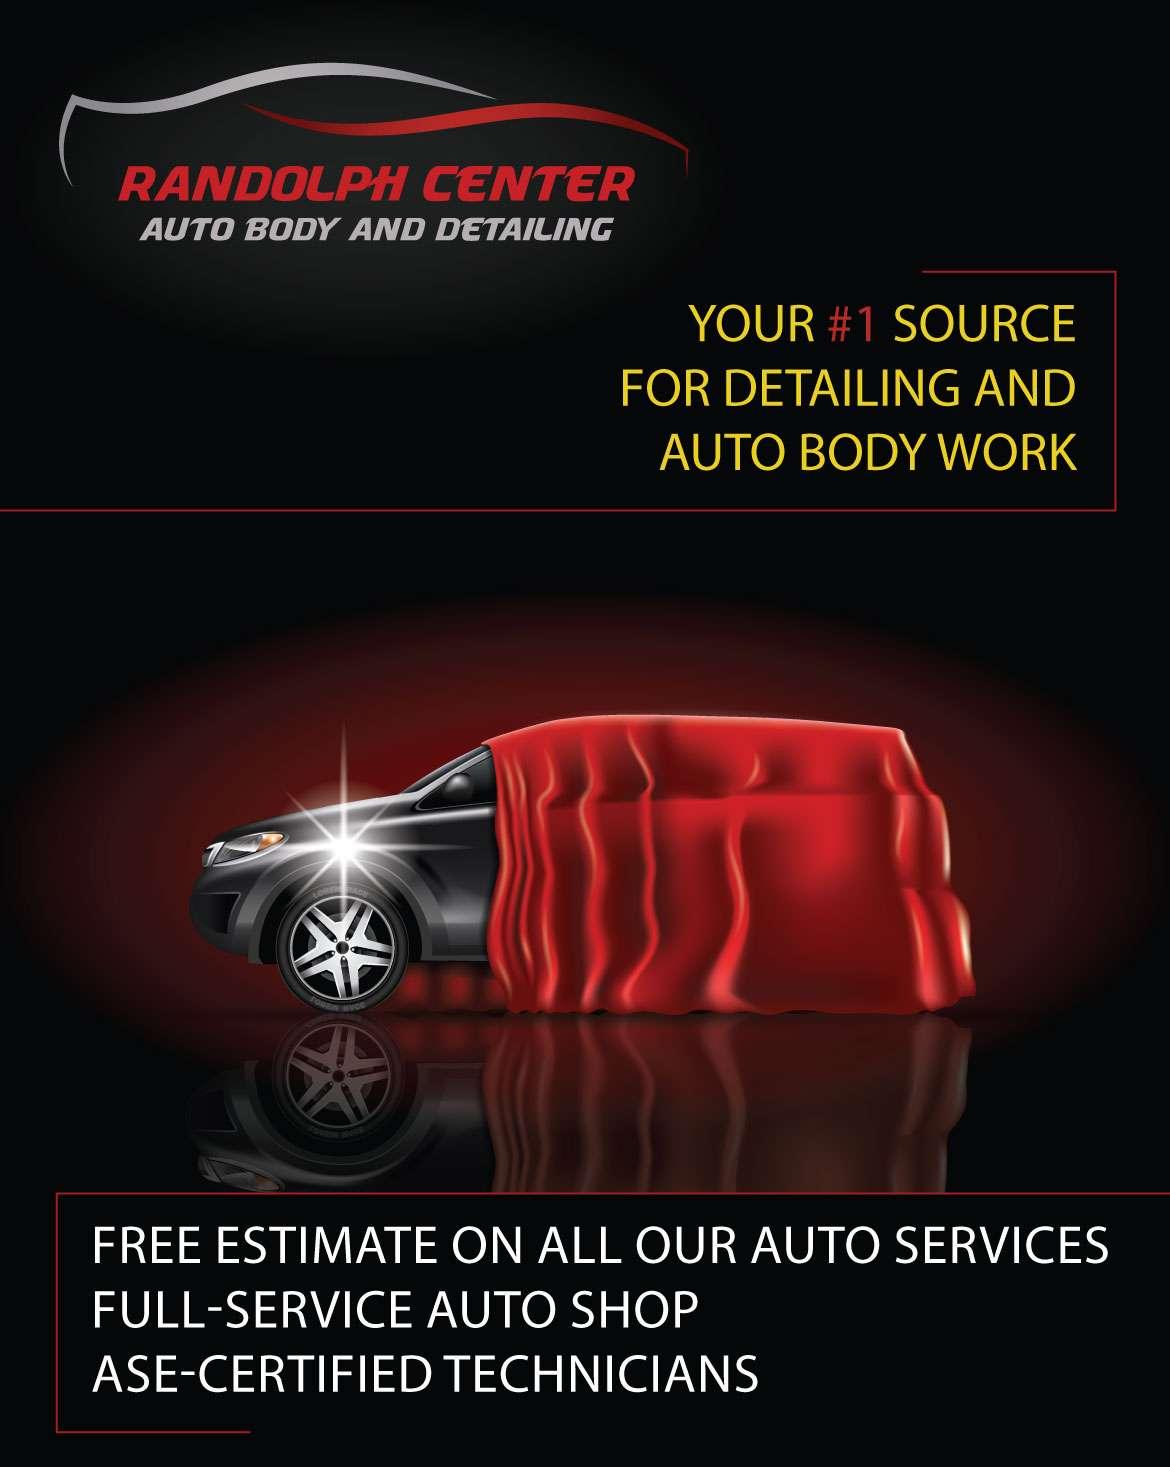 Randolph-Center-ads-online